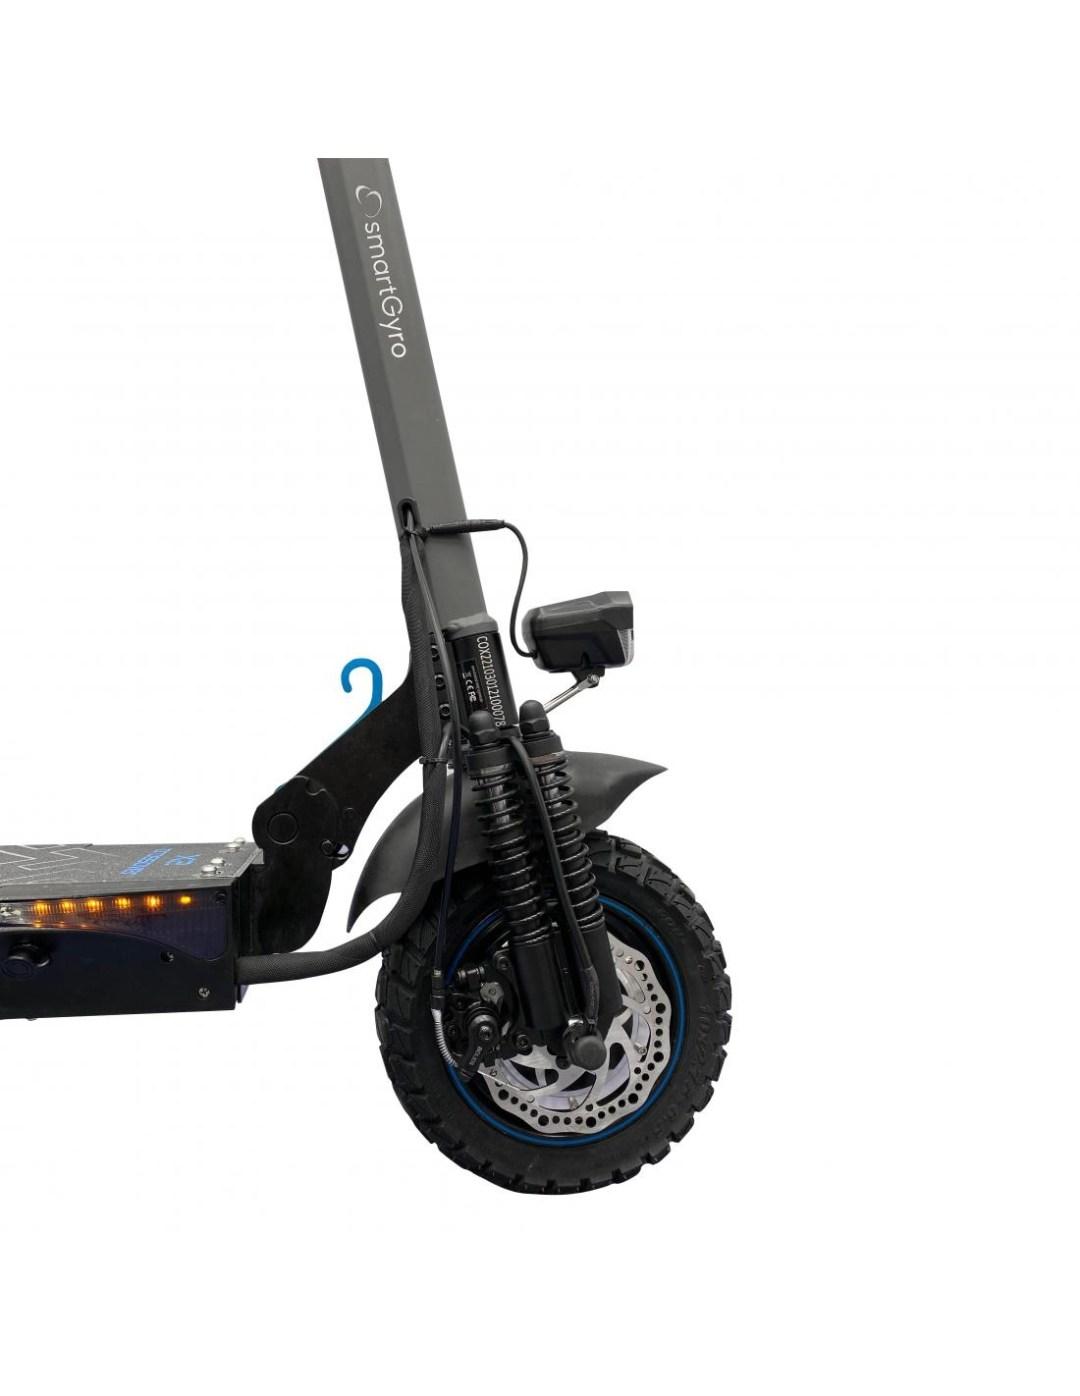 patinete electrico Smartgyro Crossover amortiguadores delanteros